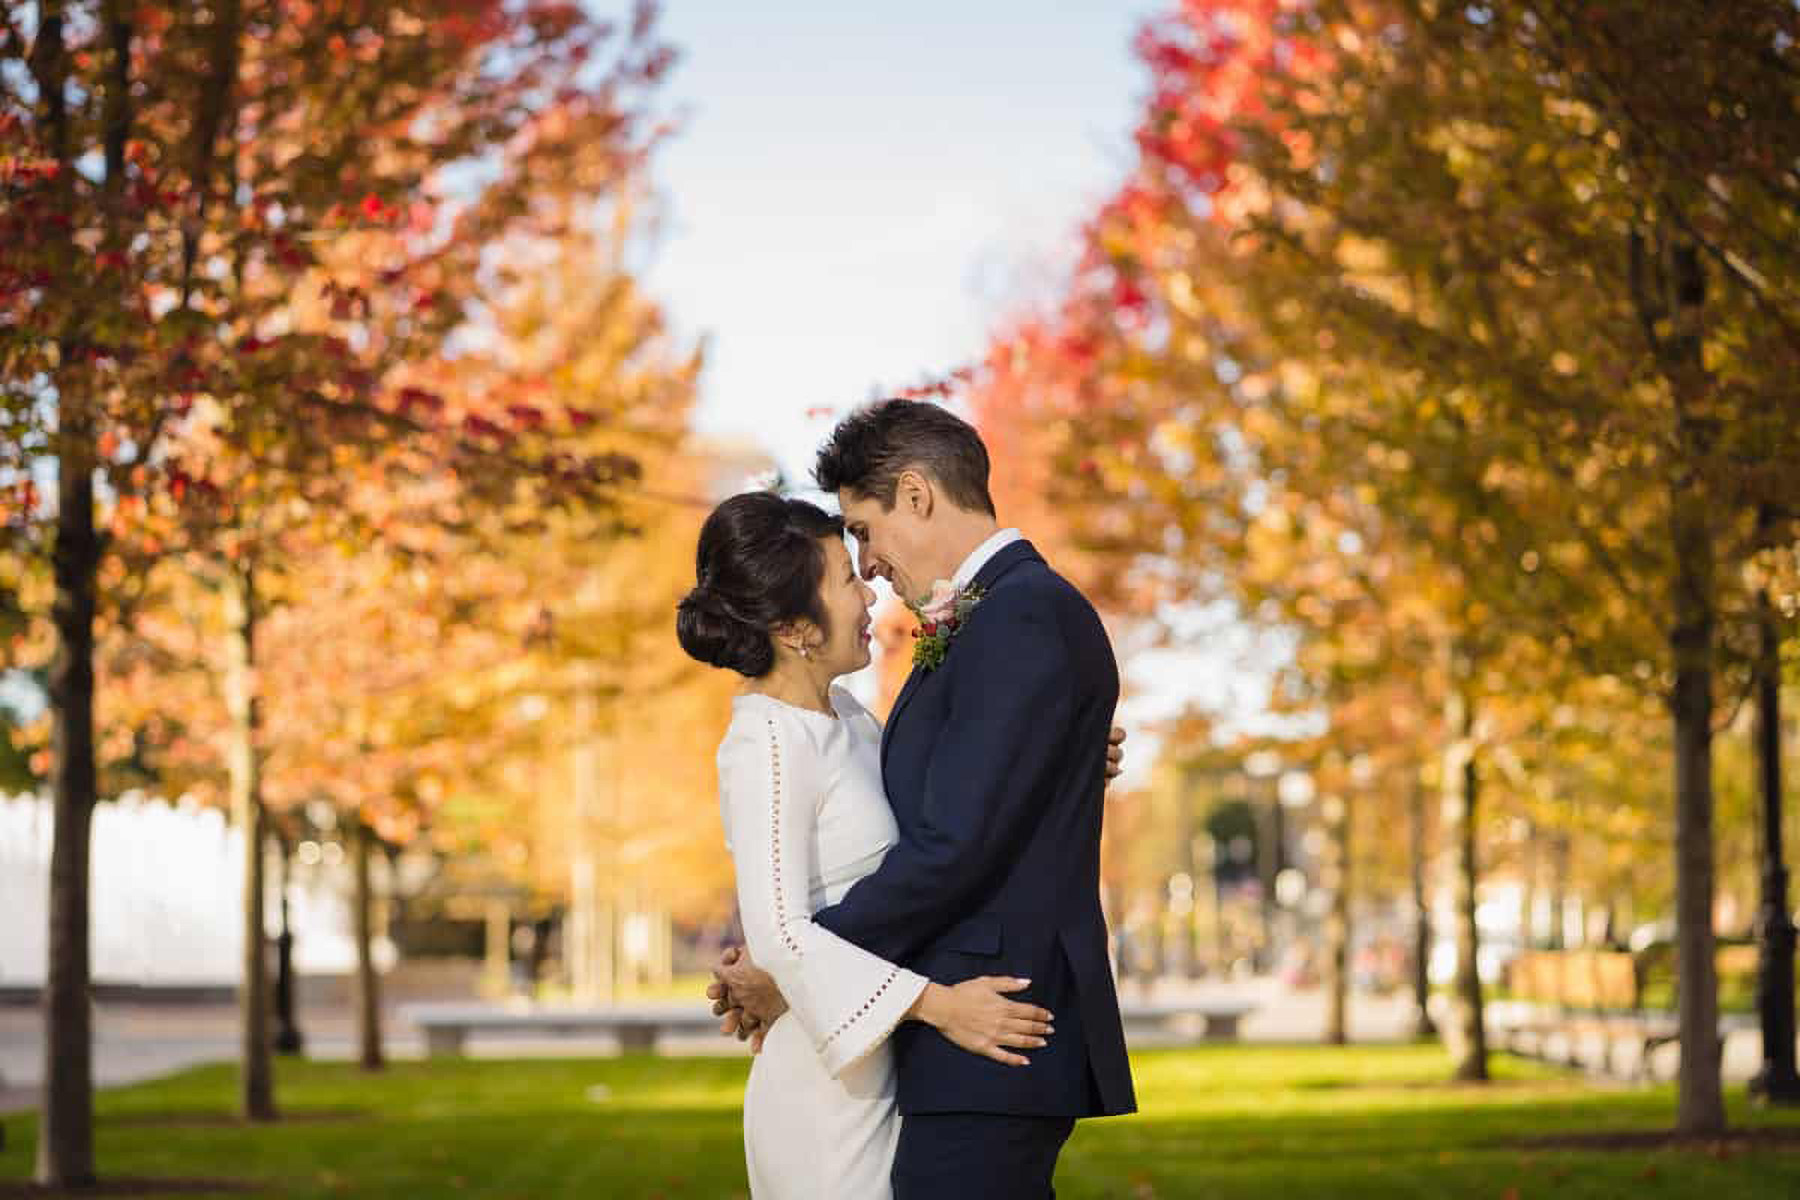 Quincy, MA Town Hall - Ritratto di matrimonio piccolo elastico | la coppia coglie l'occasione per tenersi l'un l'altro fuori tra una fila di alberi con foglie colorate